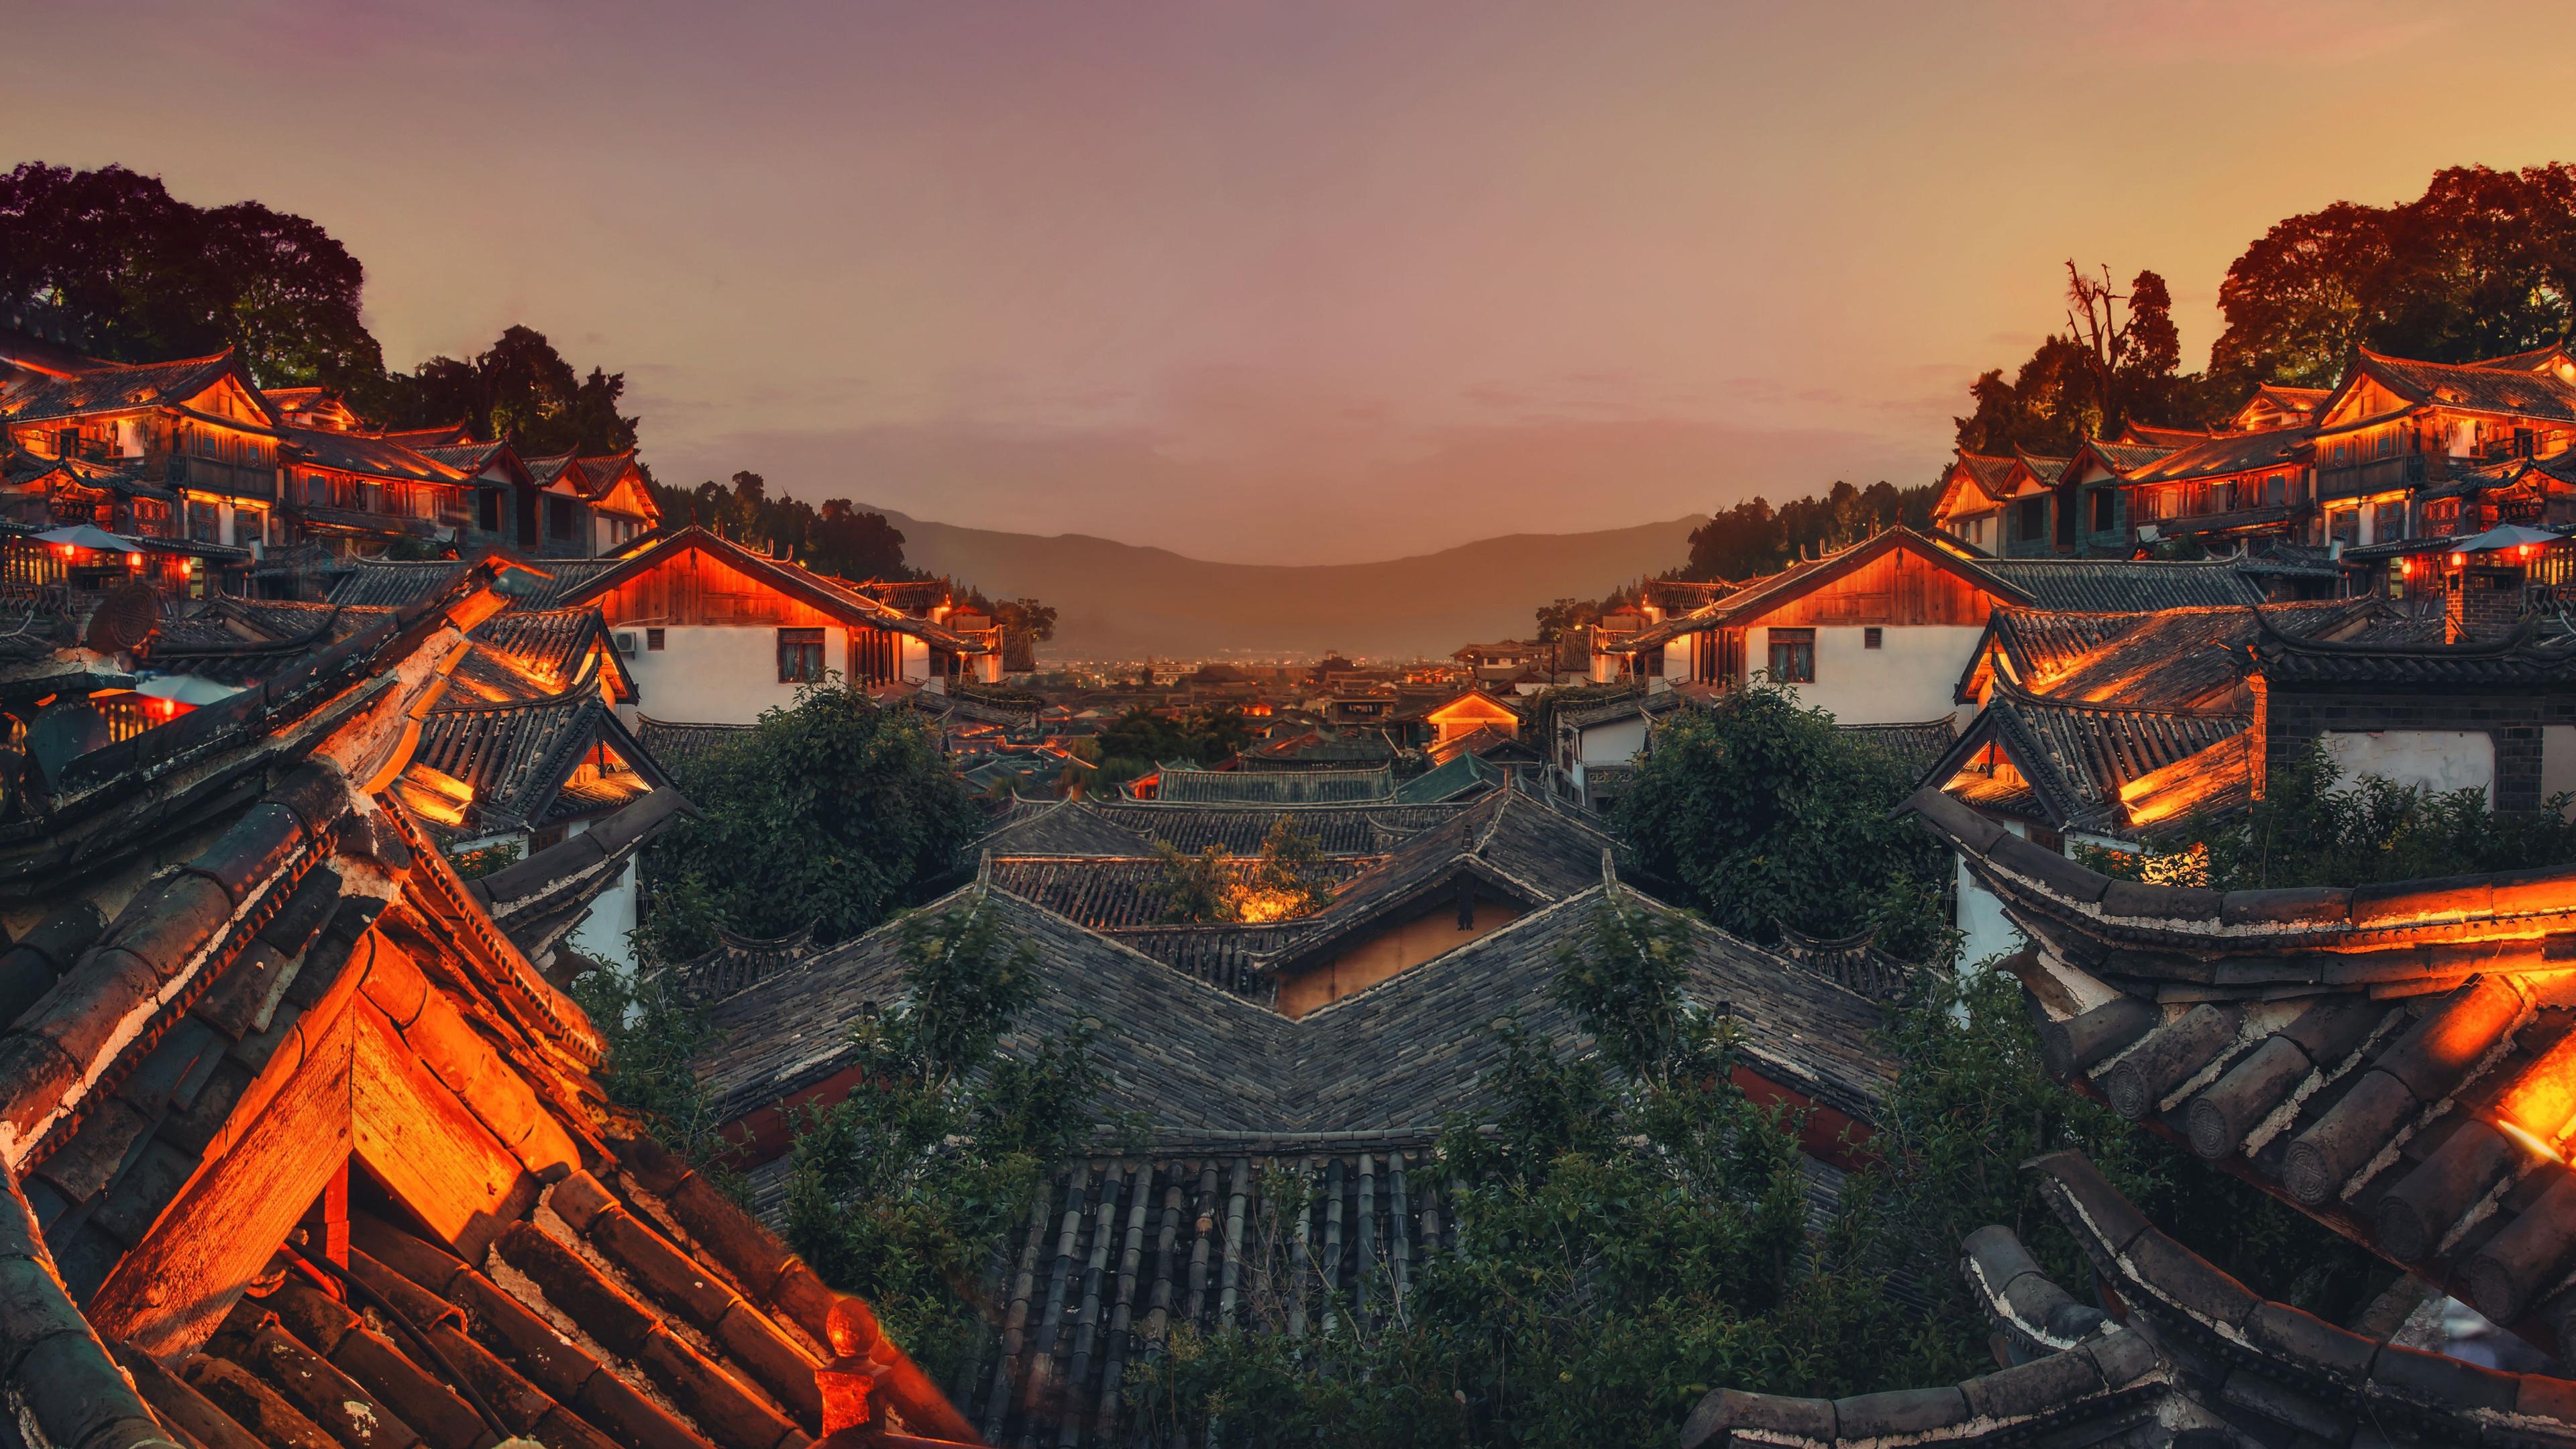 beautiful china 4k 1560535881 - Beautiful China 4k - world wallpapers, hd-wallpapers, china wallpapers, 4k-wallpapers